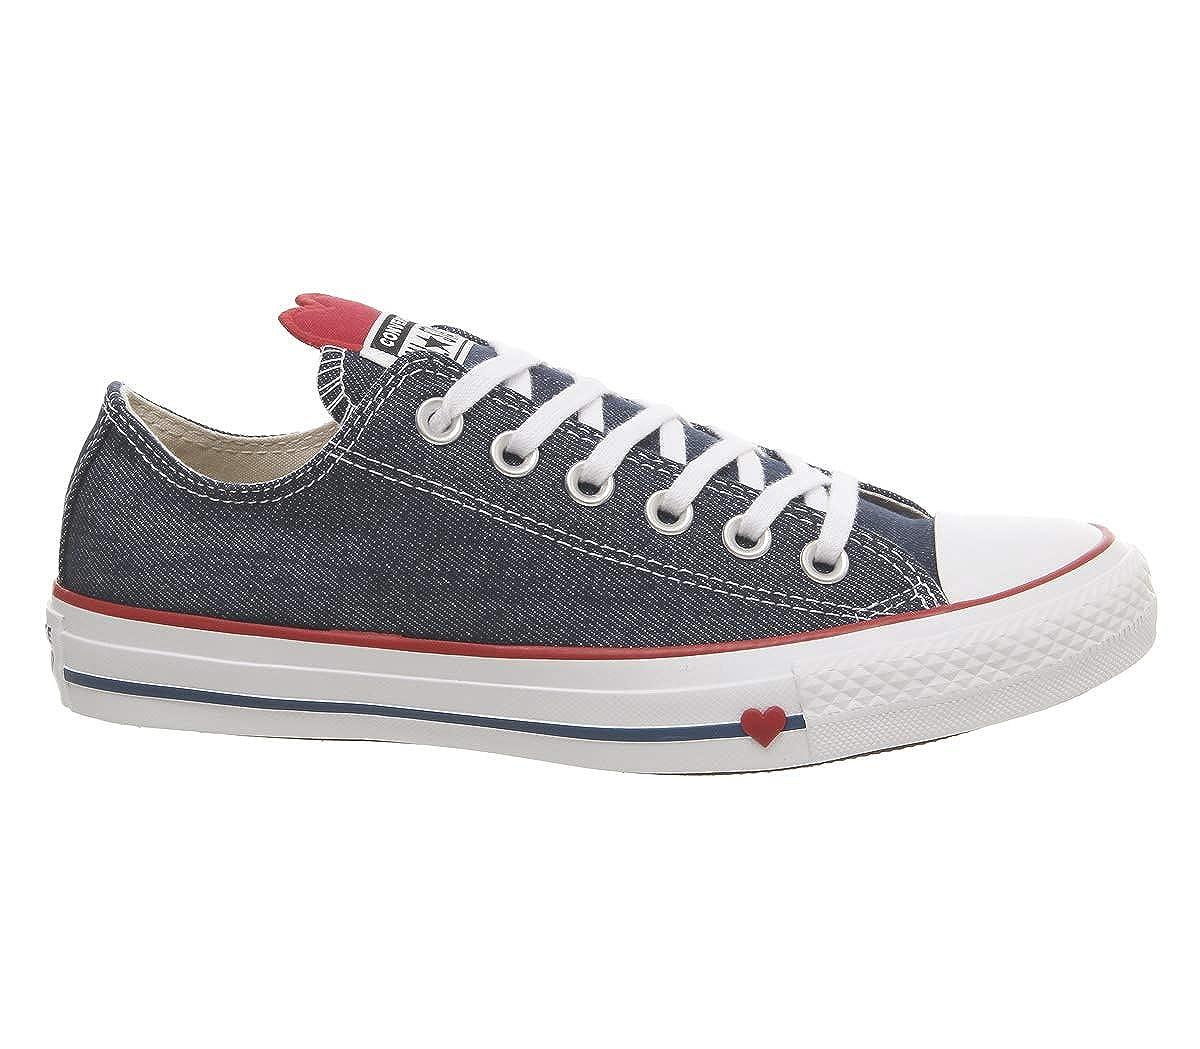 Converse Chuck Taylor All Star, scarpe da ginnastica a Collo Alto Unisex – Adulto   Bassi costi    Uomo/Donne Scarpa